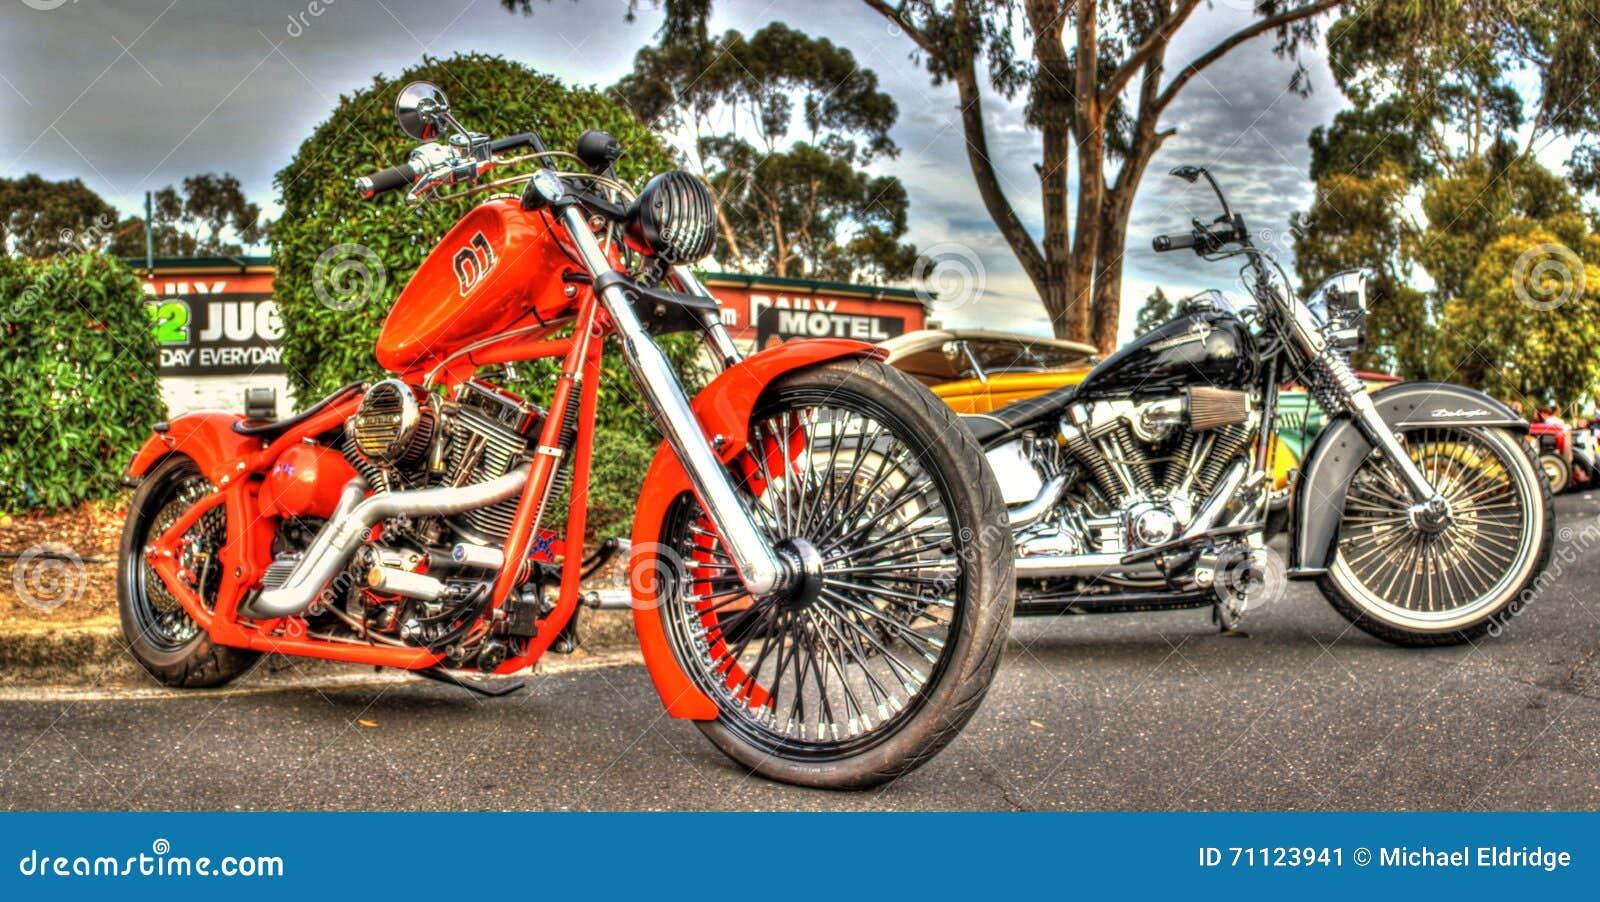 Egenn planlade den amerikanska motorcykeln